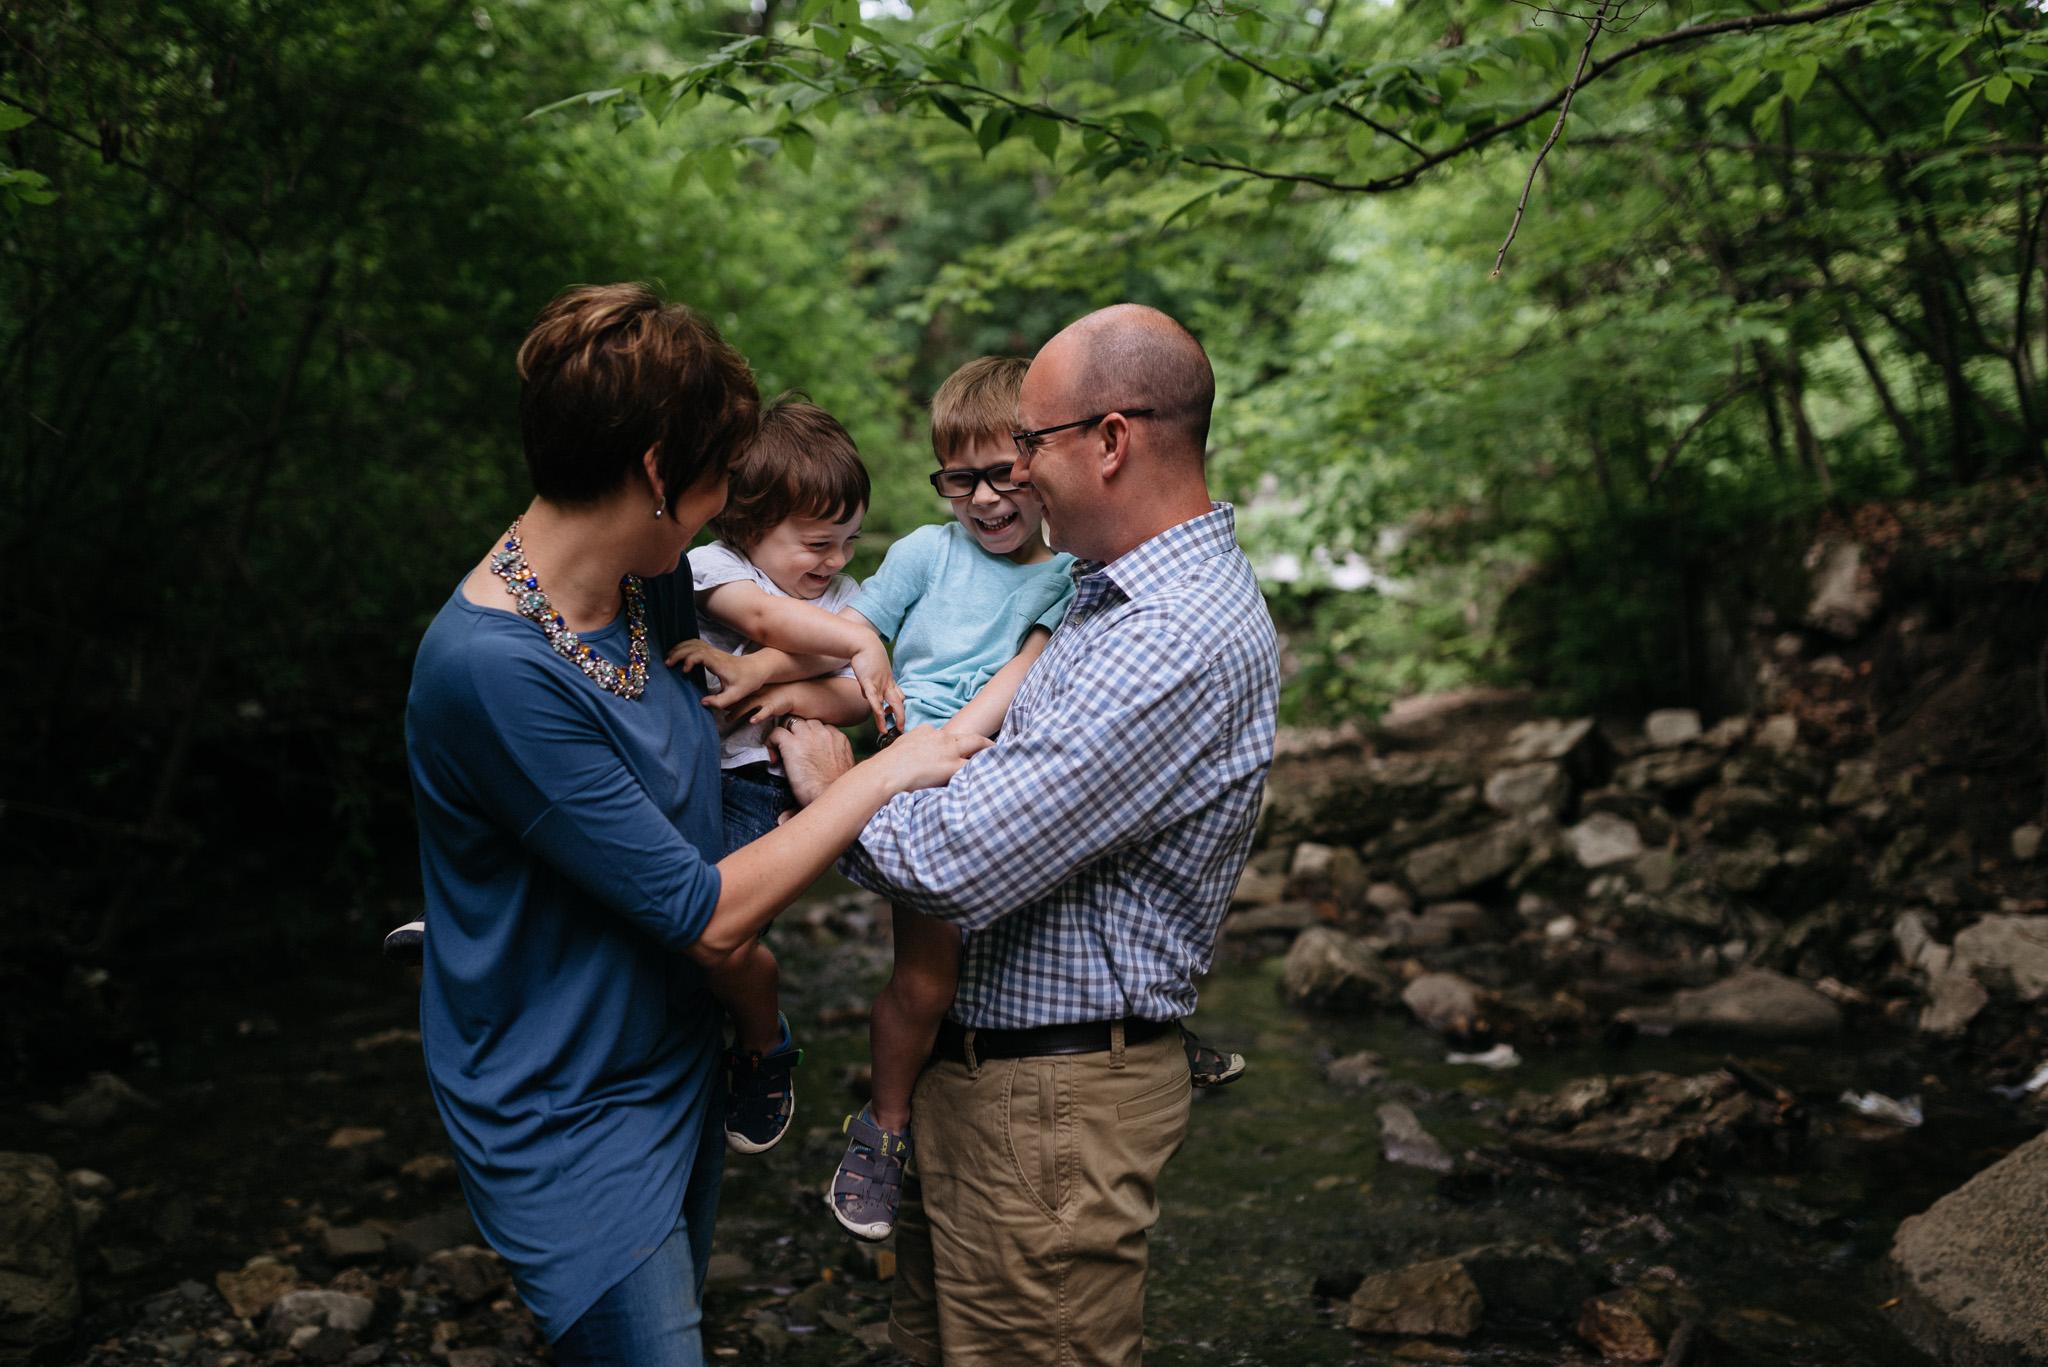 family-photography-columbus-ohio-photographers-erika-venci